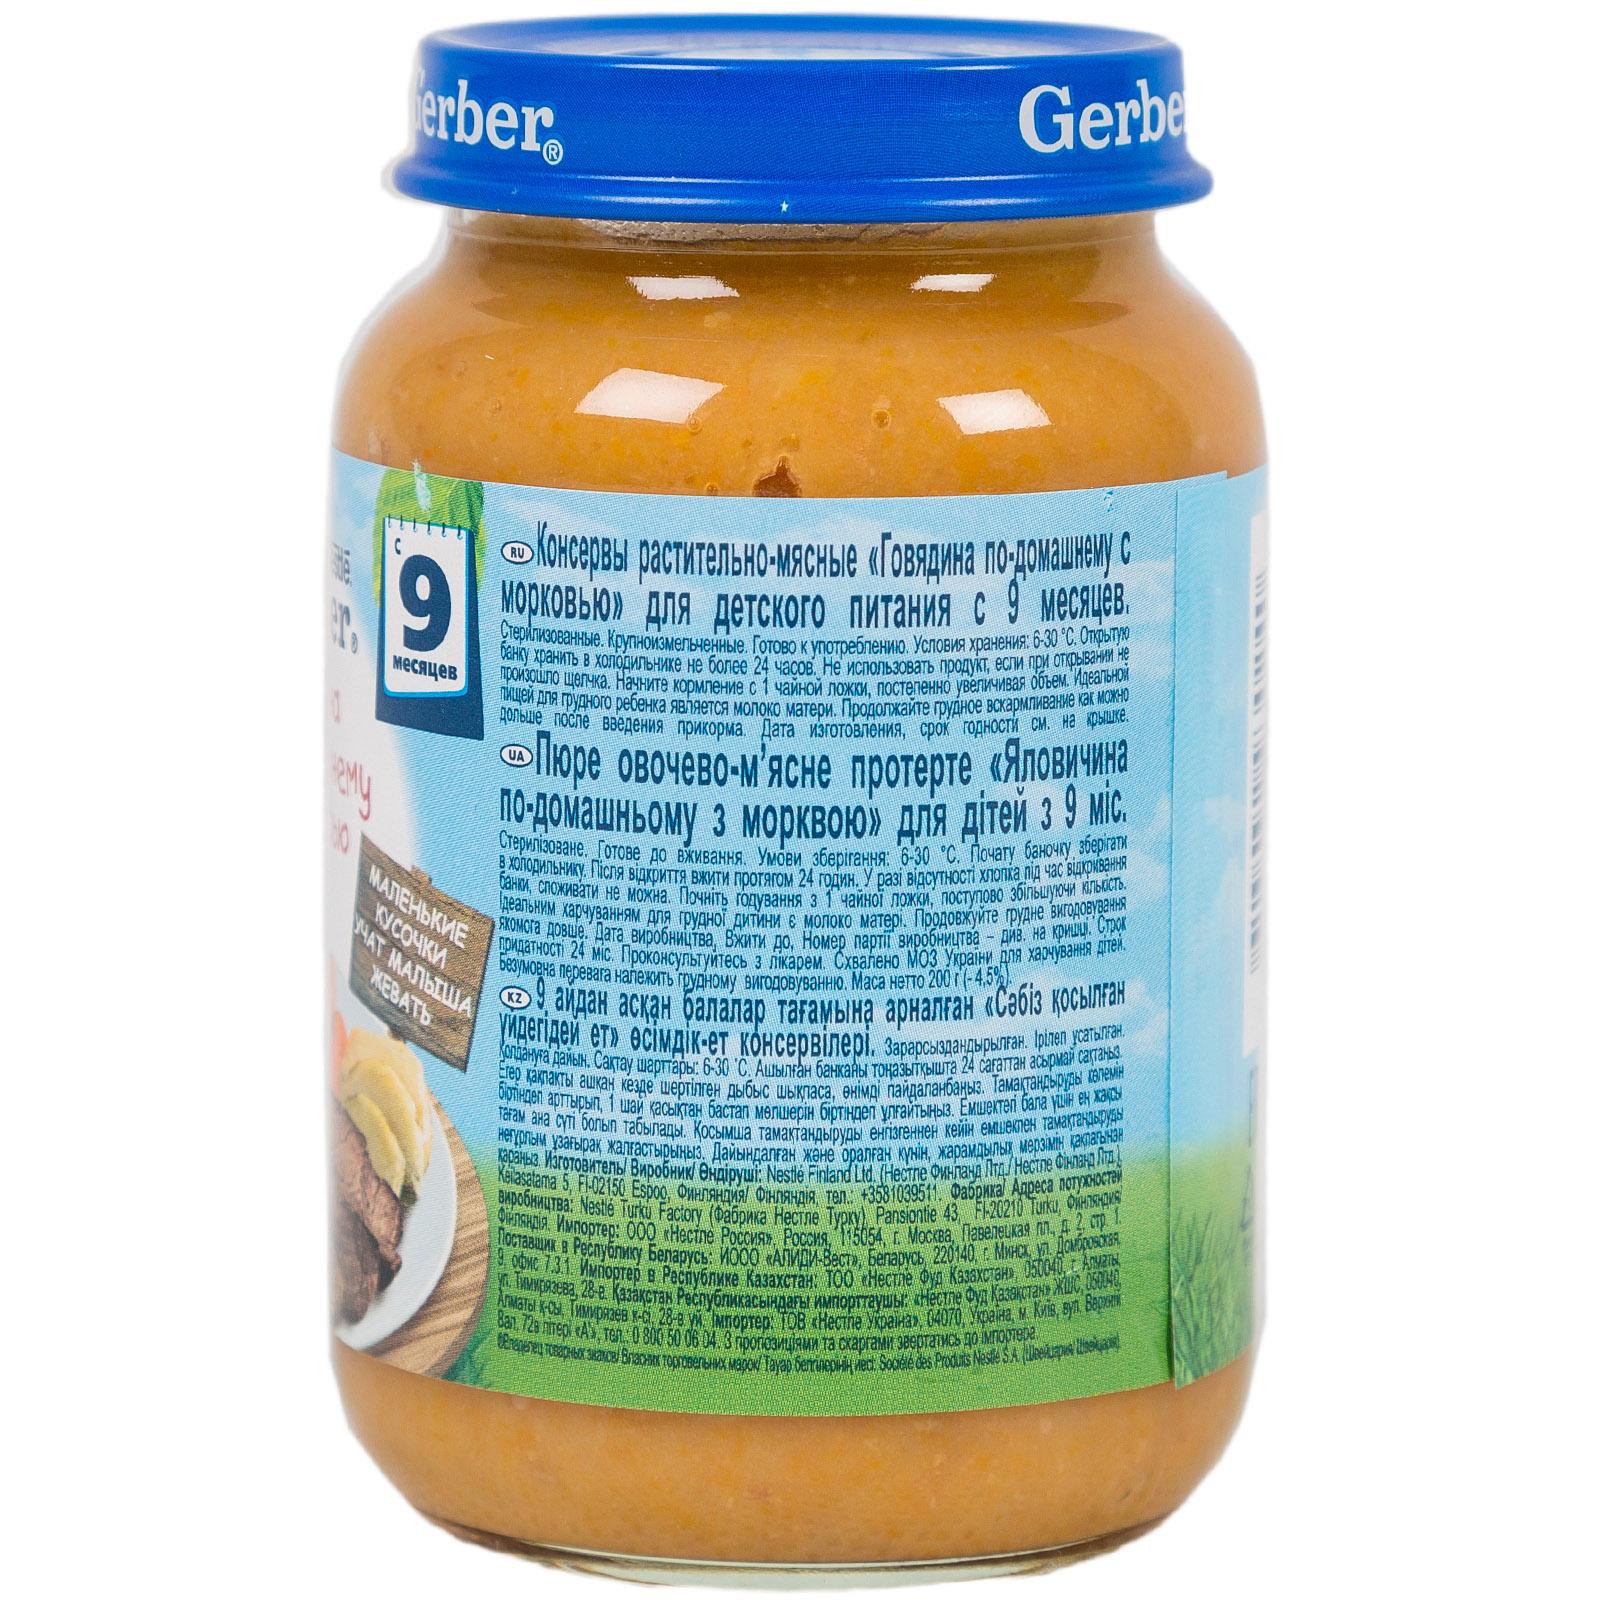 Пюре Gerber мясное с овощами 200 гр Говядина по-домашнему с морковью (с 9 мес)